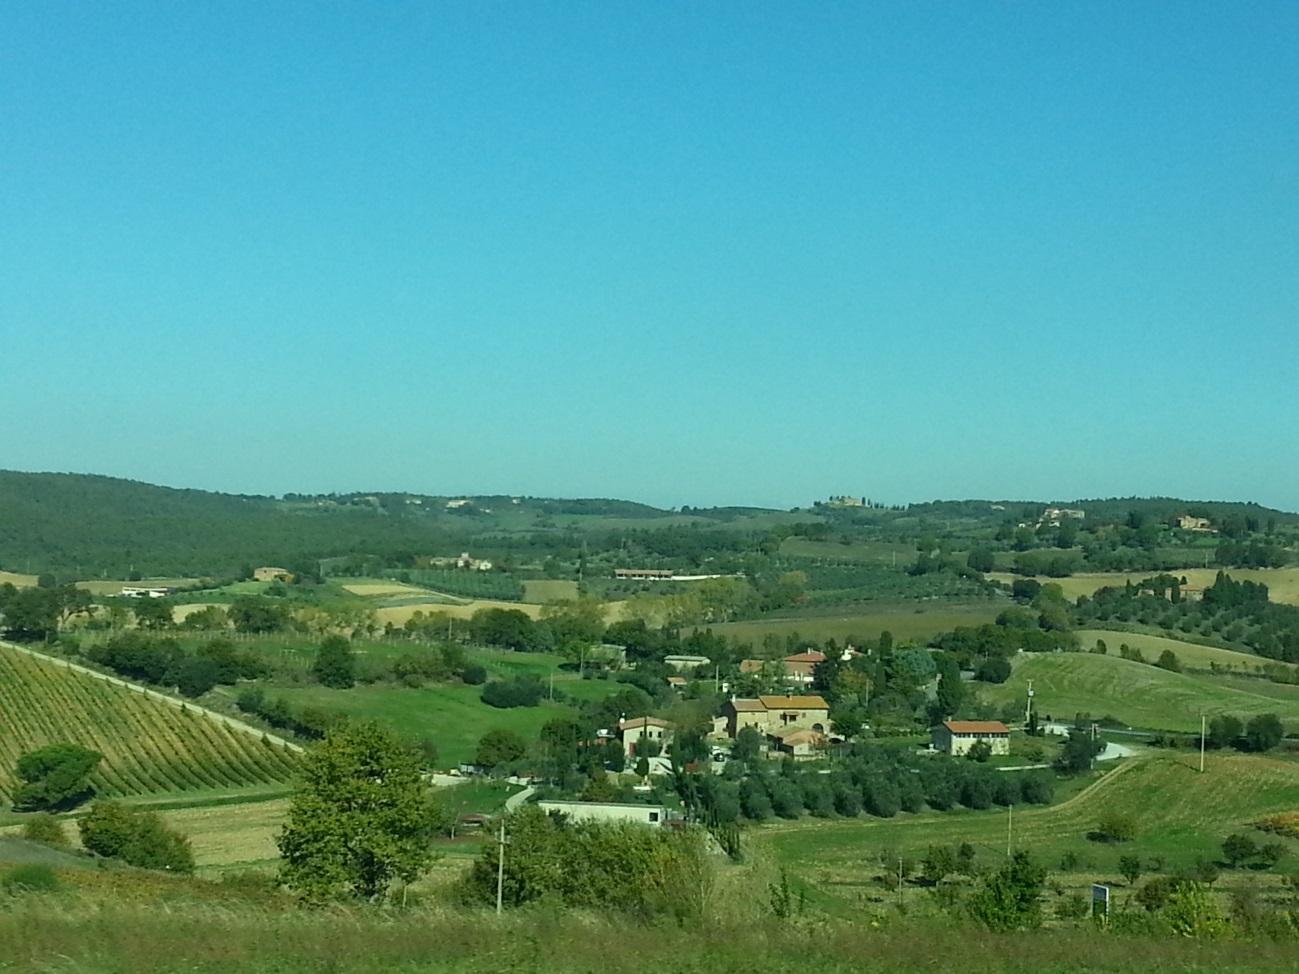 C:\Users\Gonzalo\Desktop\Documentos\Fotografías\La Toscana\Móvil\20161028_115805.jpg